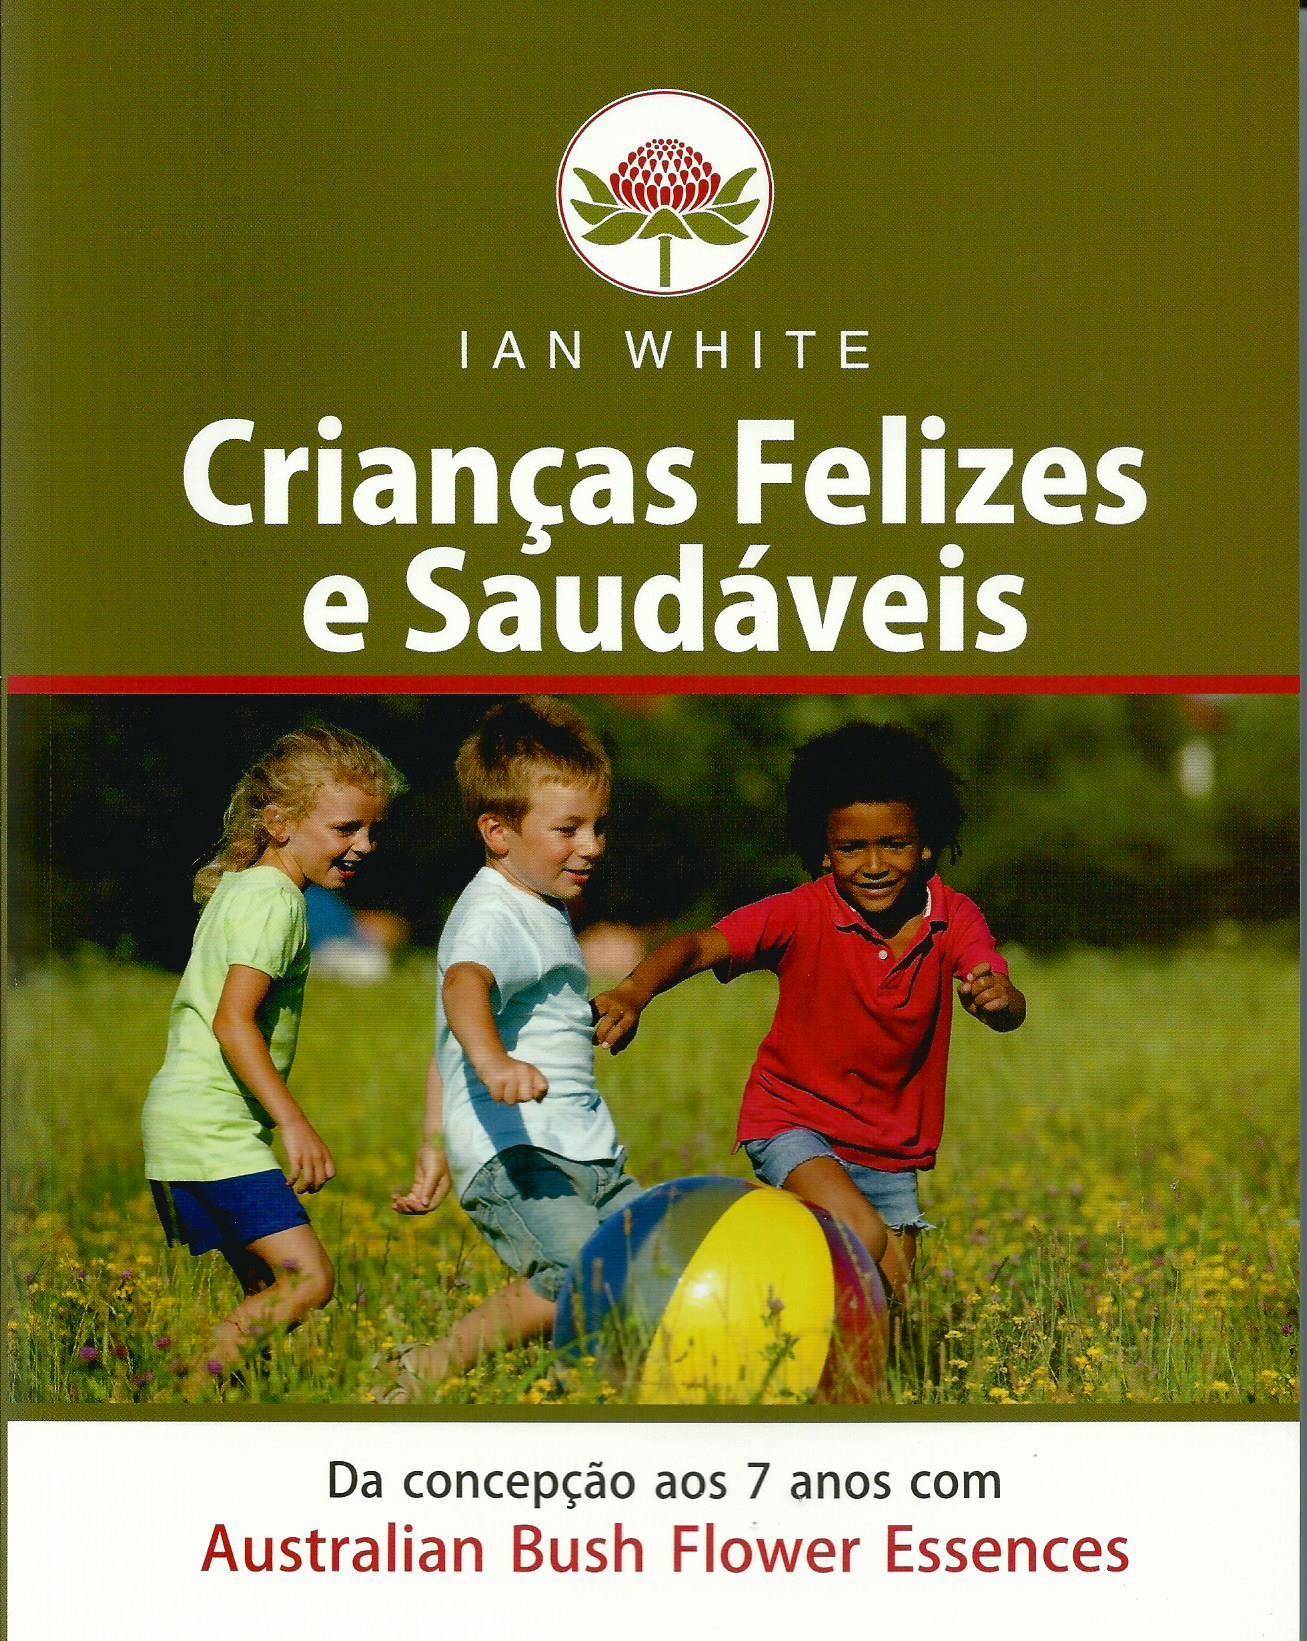 Livro Crianças Felizes e Saudáveis - Ian White  - Floressência